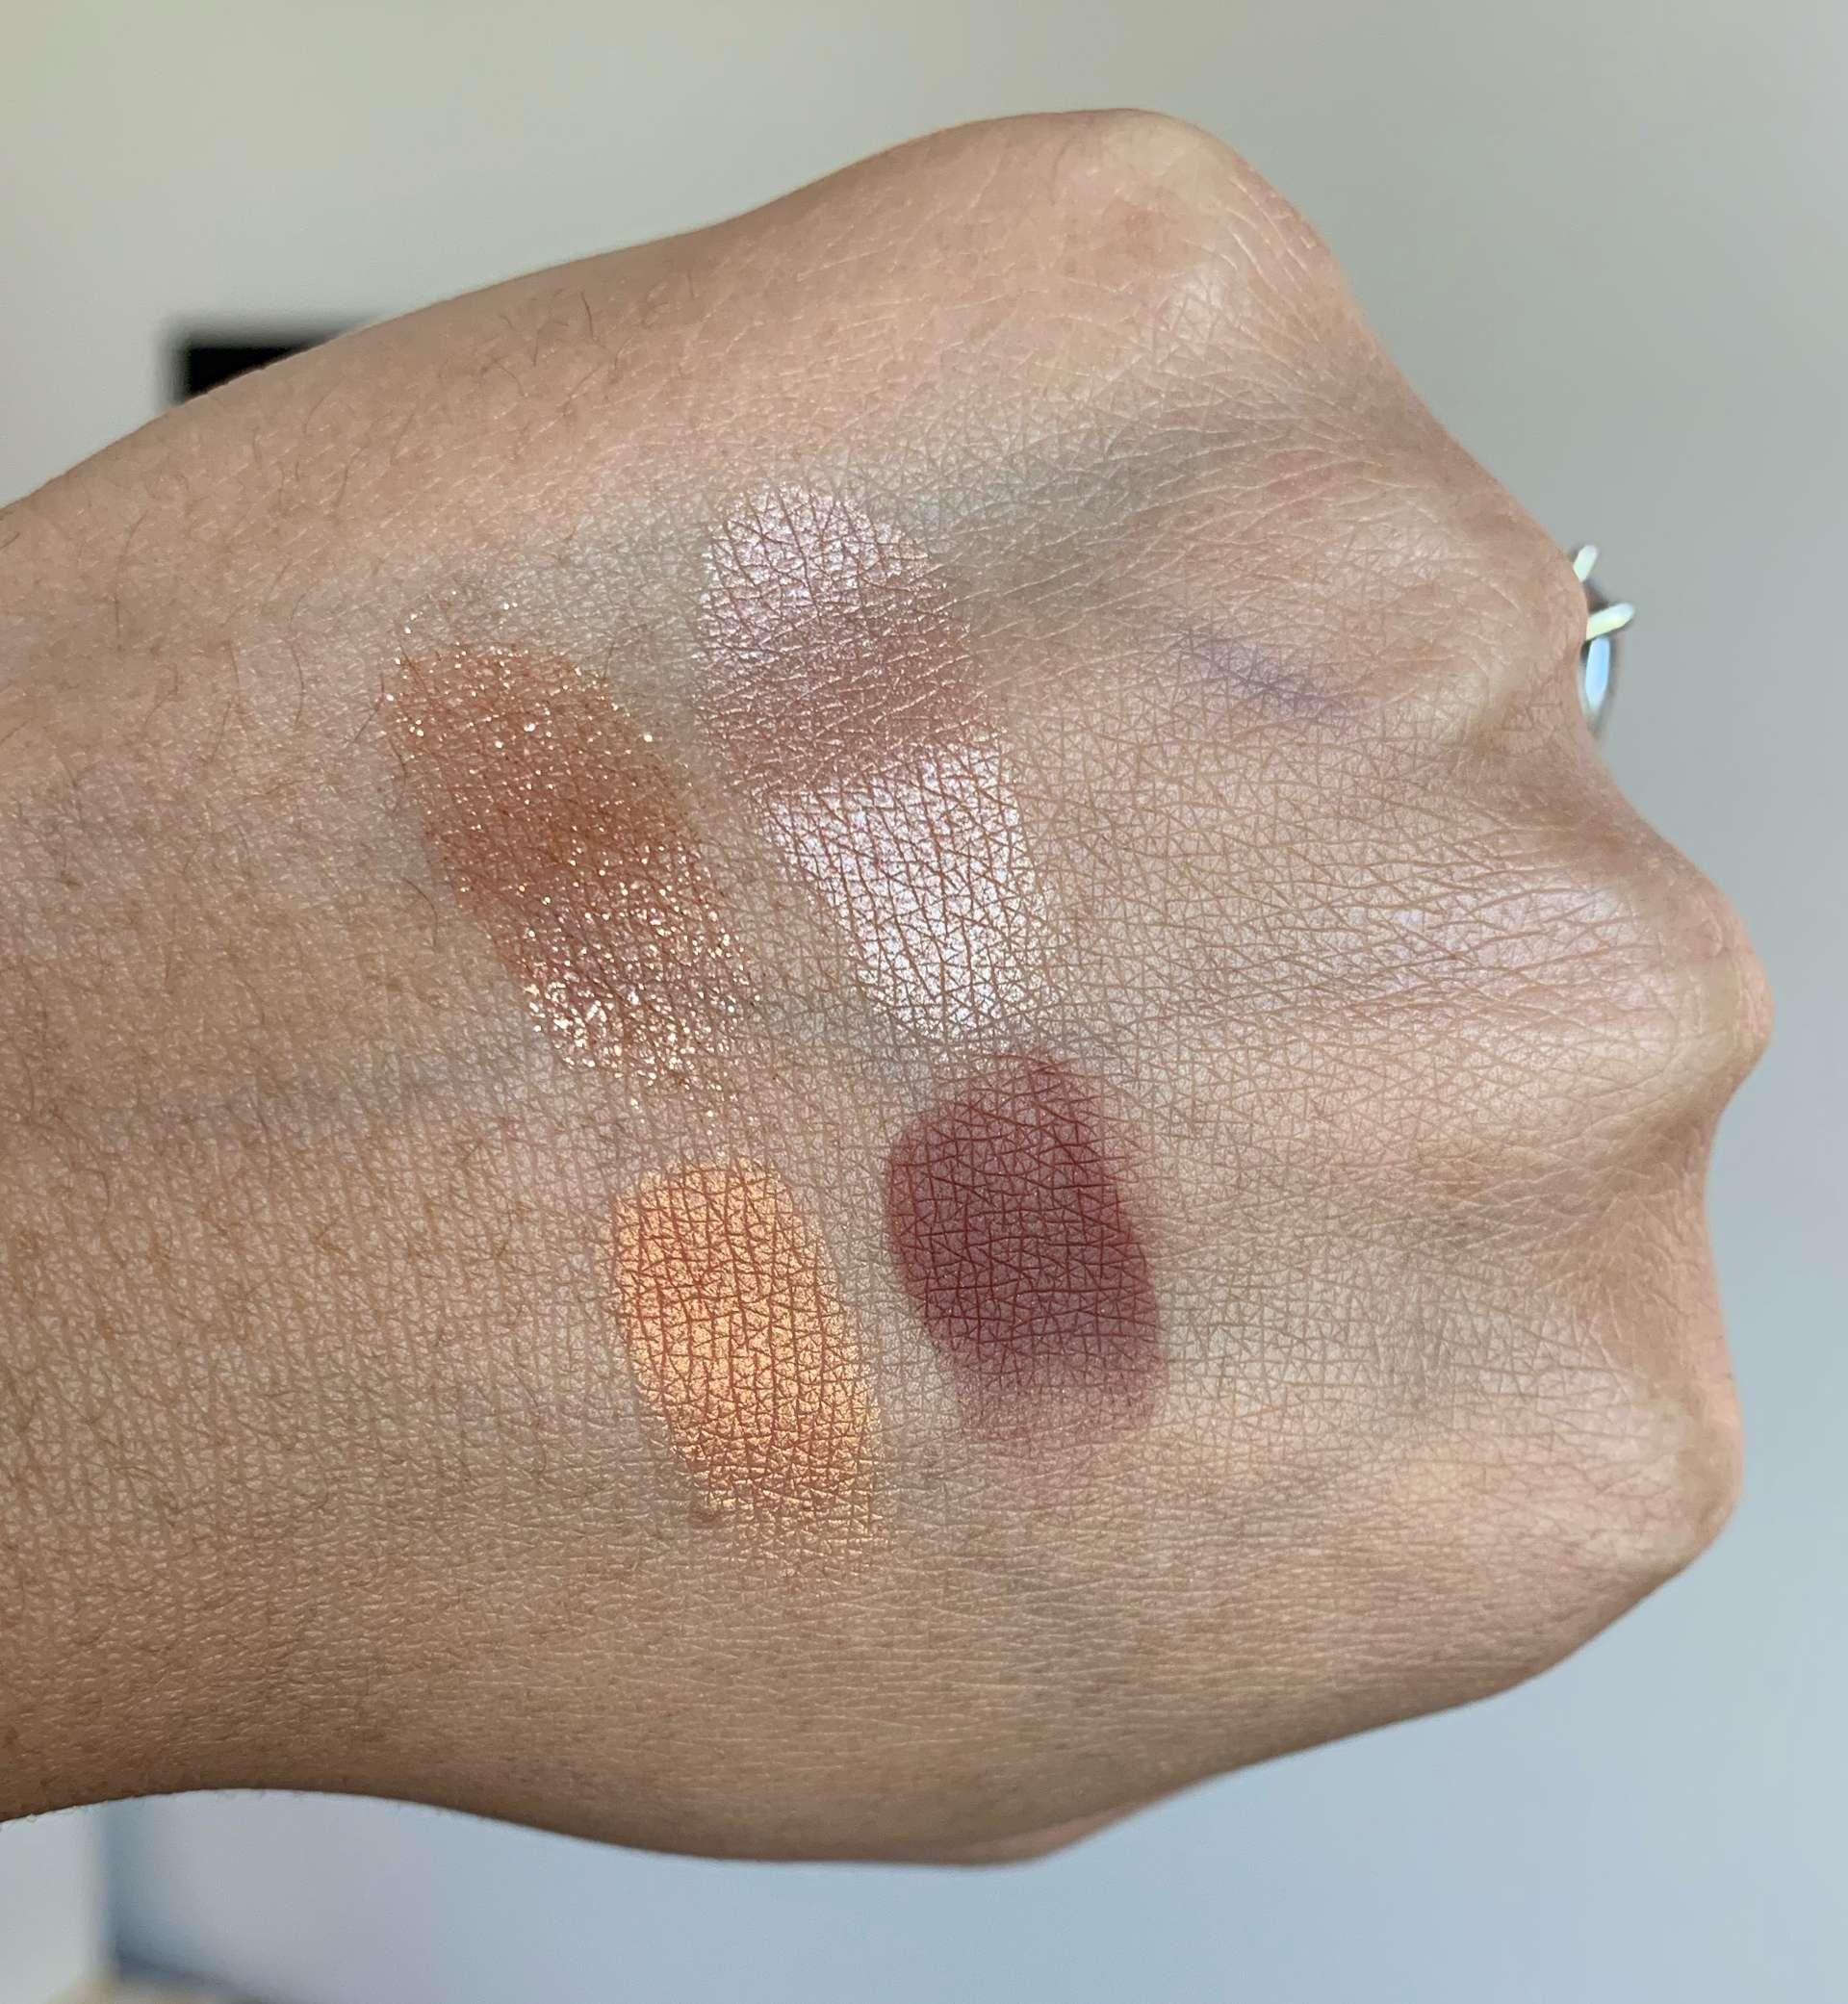 NARS Taj Mahal Eyeshadow Quad Swatches on Medium Dark Skin